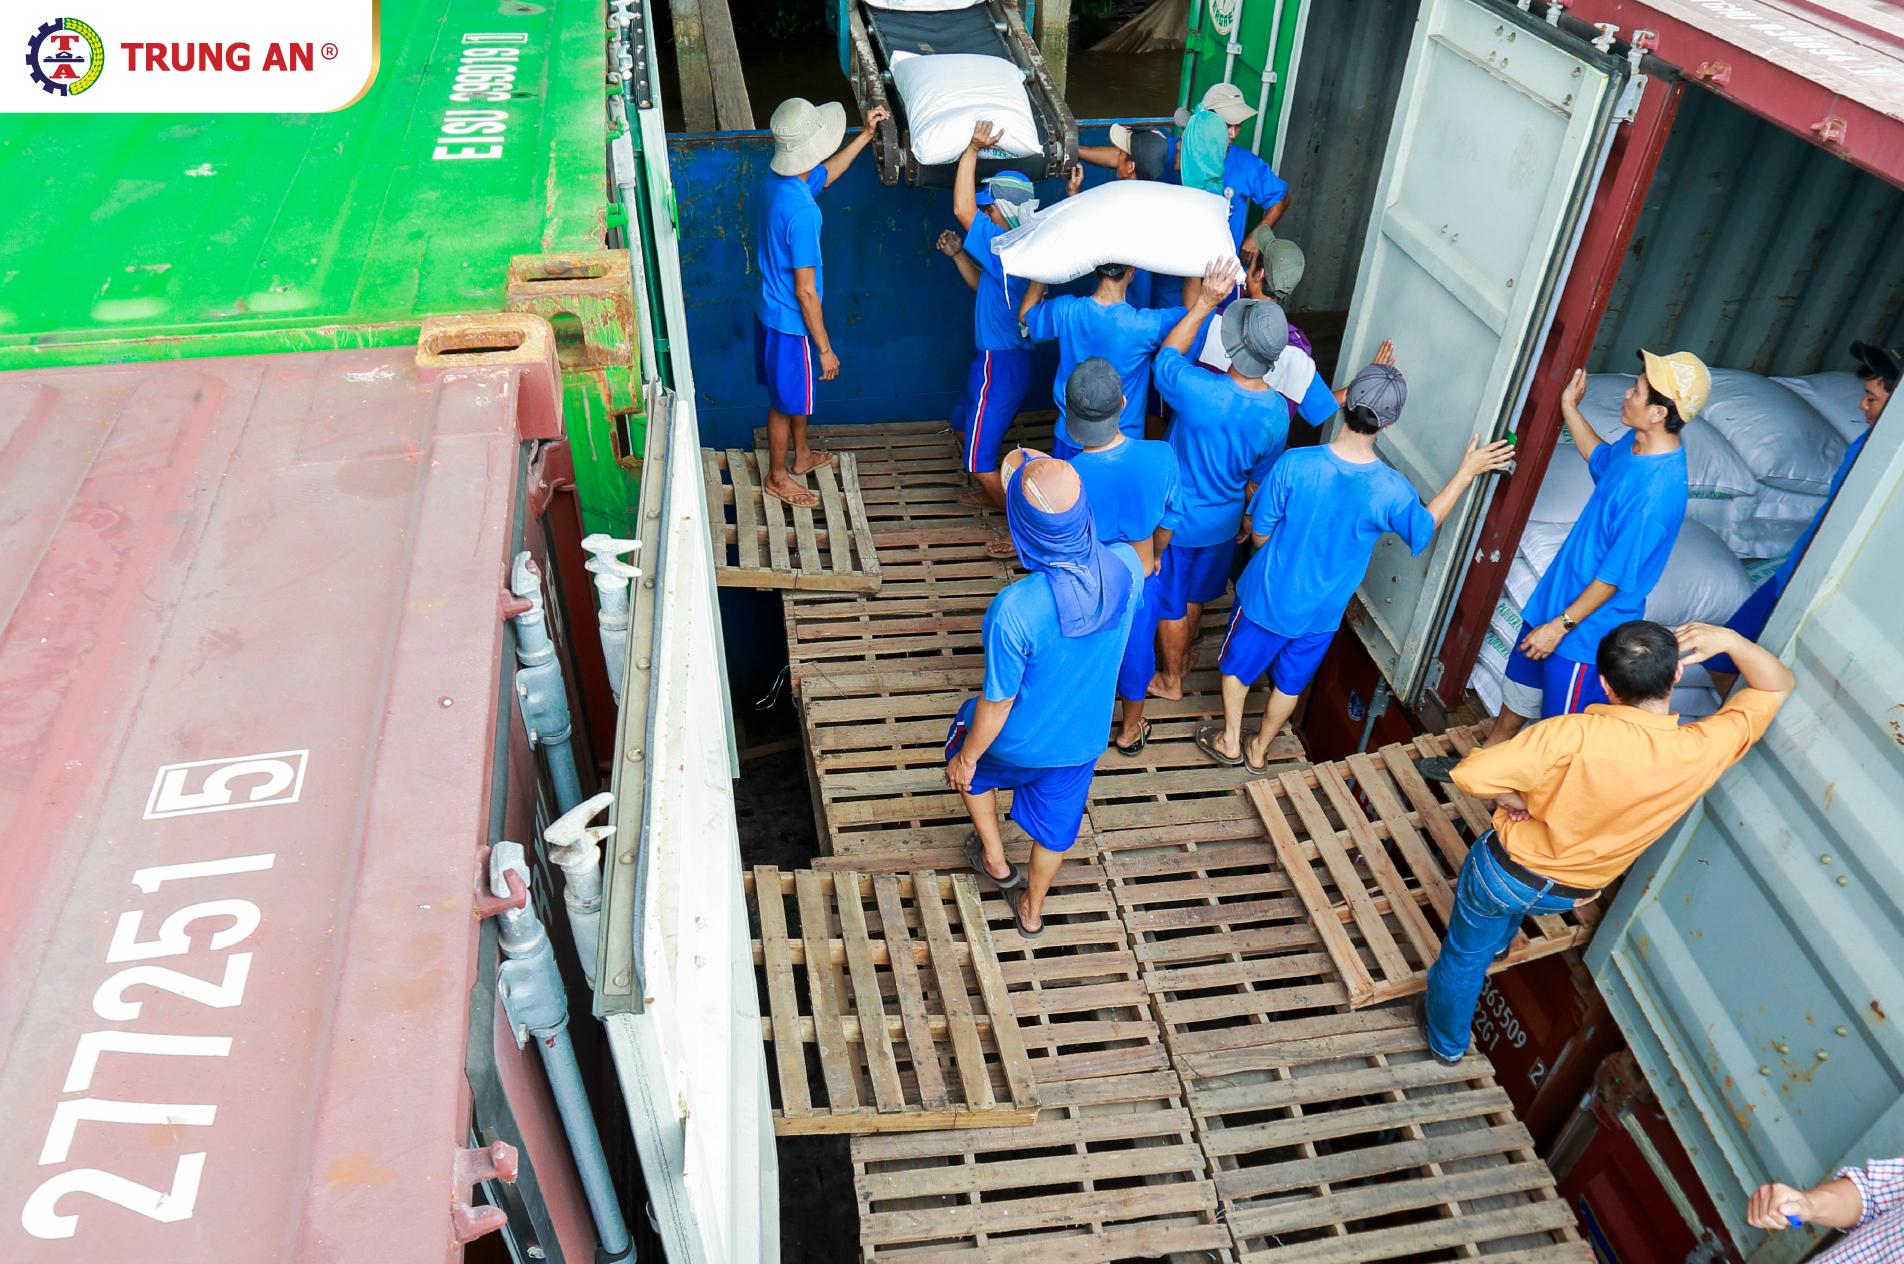 Đồng hành cùng chính phủ xuất cấp 75.000 tấn gạo hỗ trợ người dân